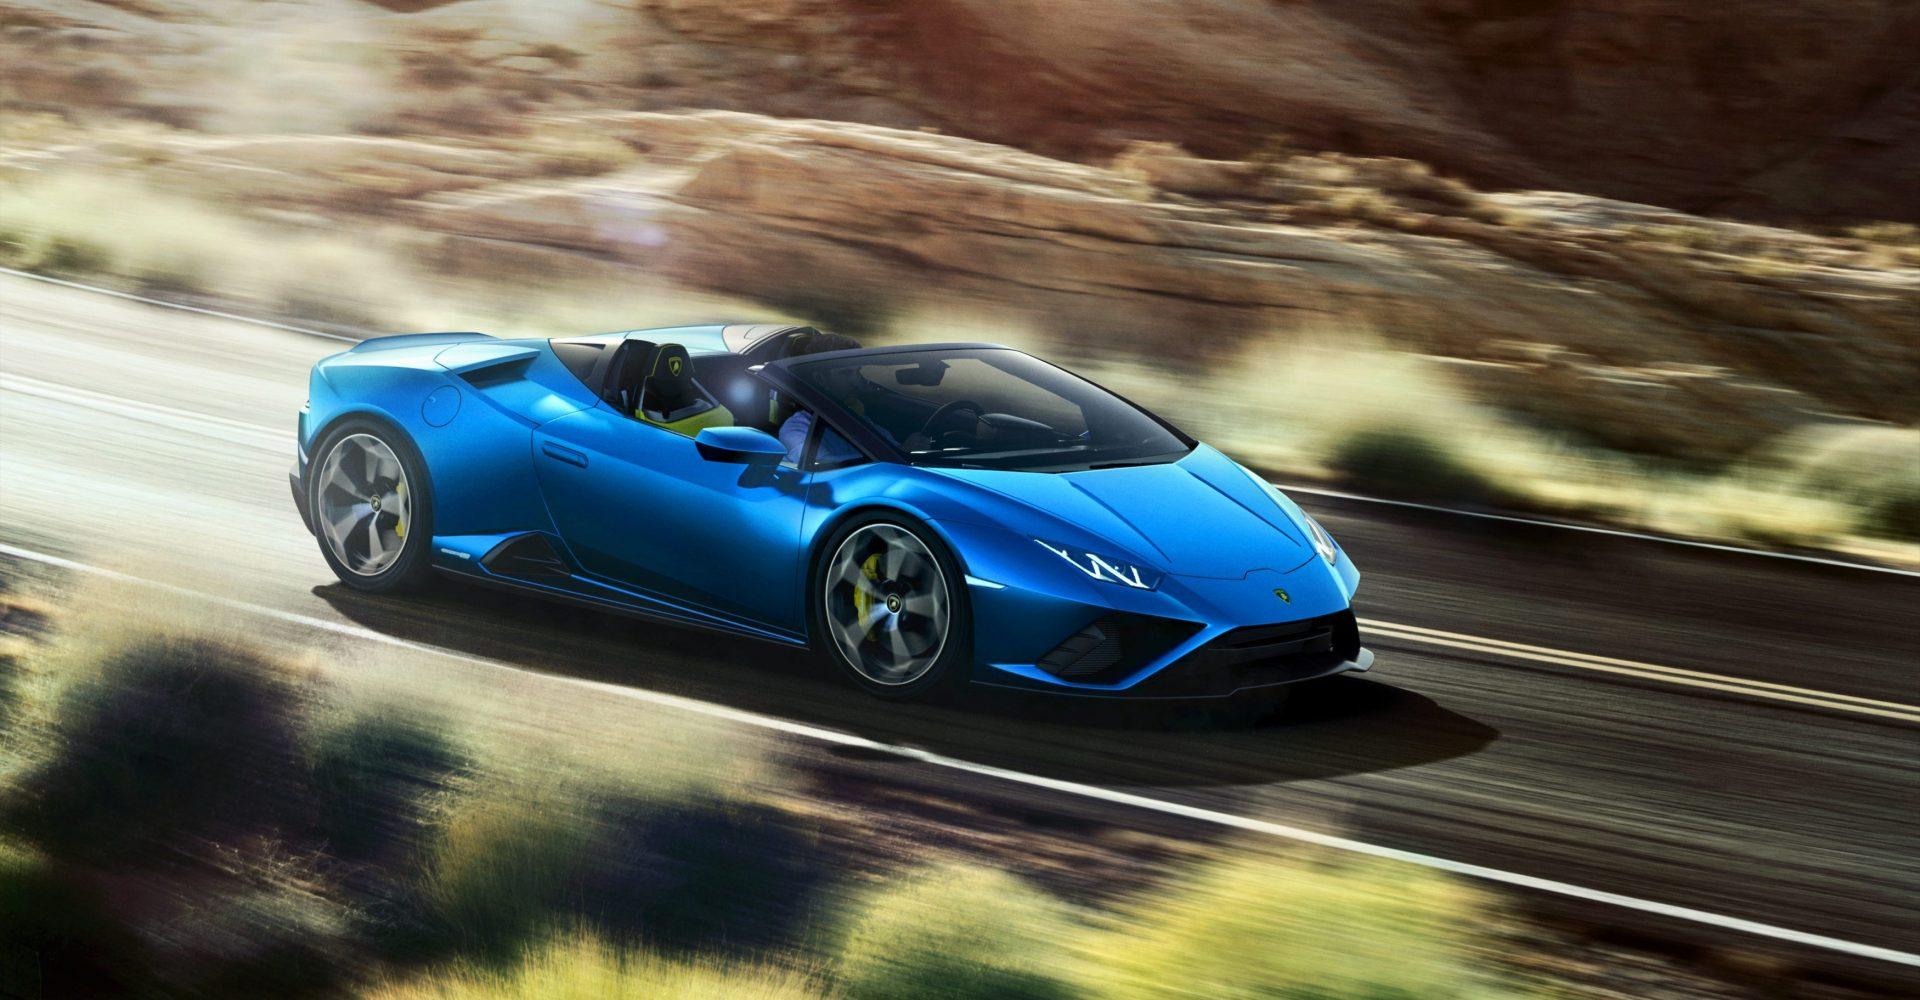 Lamborghini saw record sales in second half of 2020